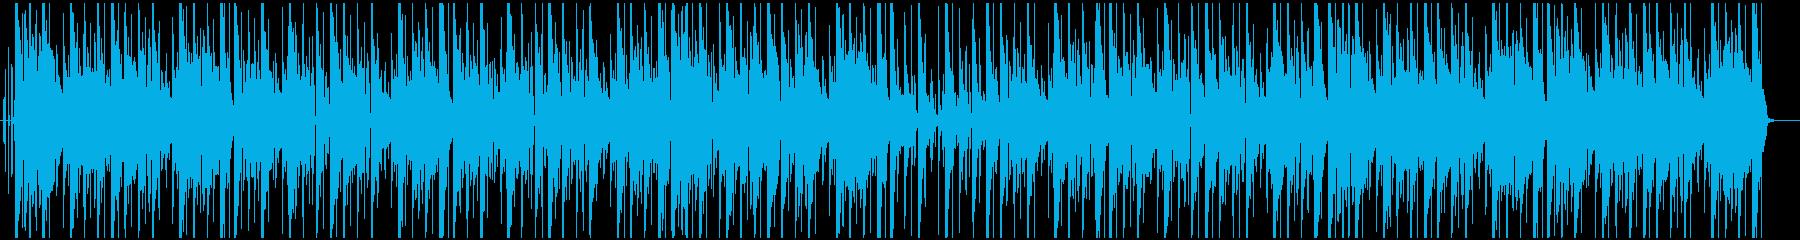 ピアノ ジャズ カフェ Lo-Fiの再生済みの波形